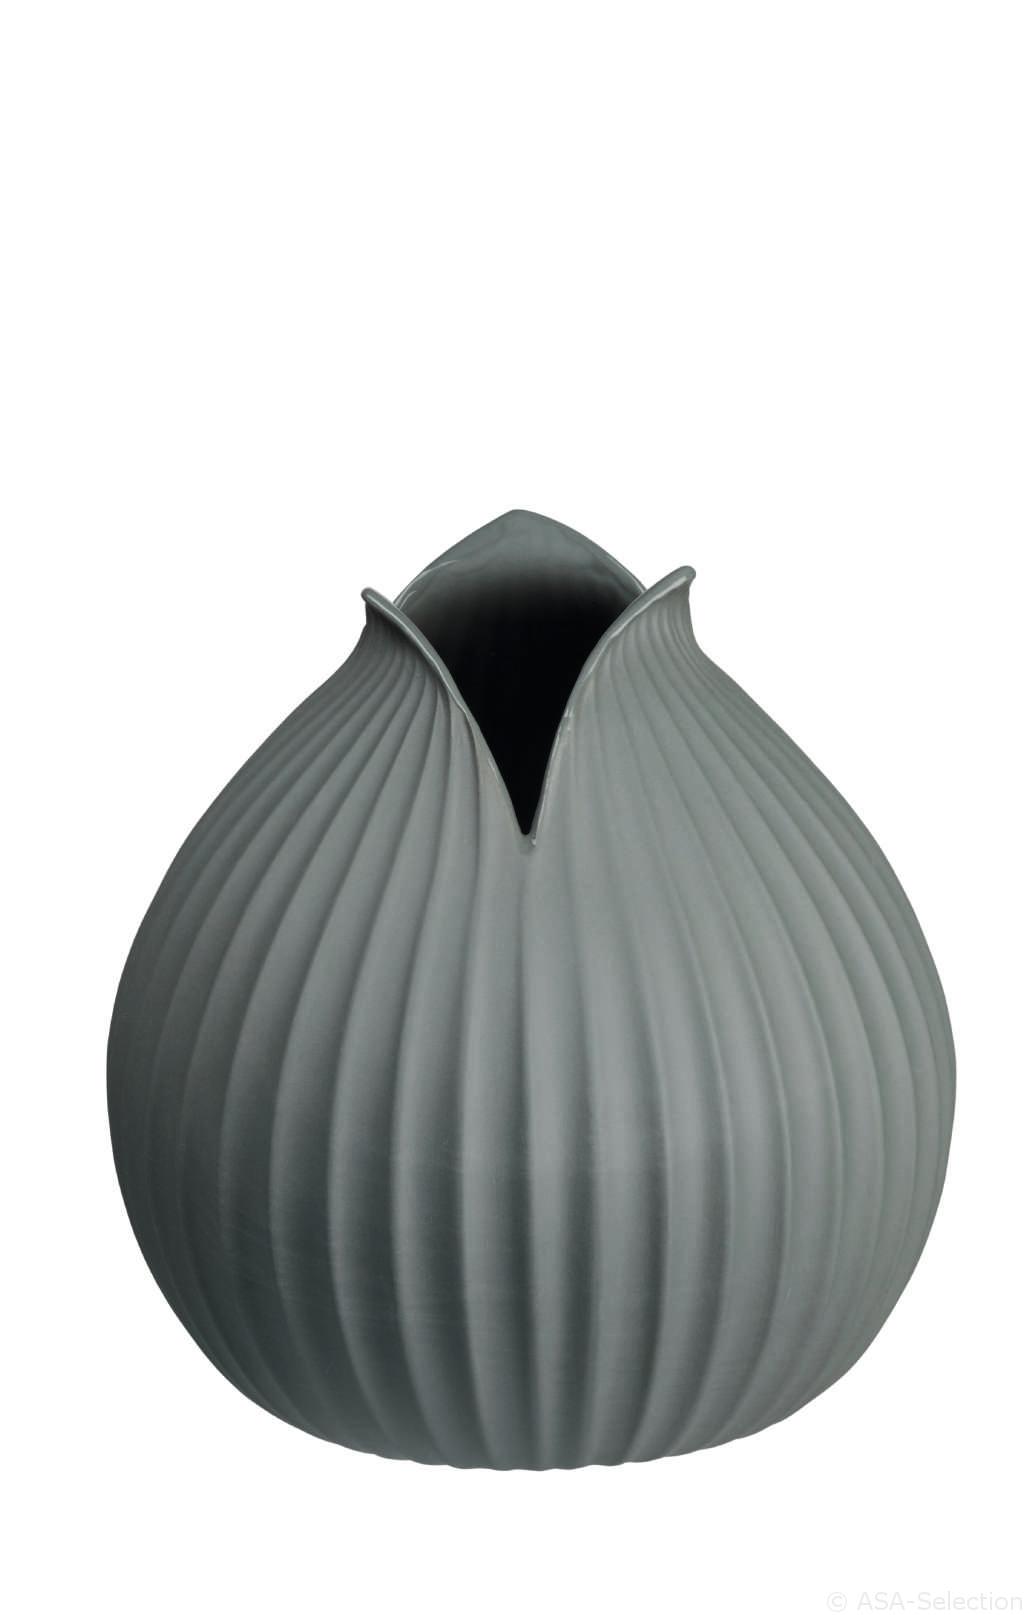 1361617 yoko - Vaza ASA Selection D: 18,5cm, (1361617)